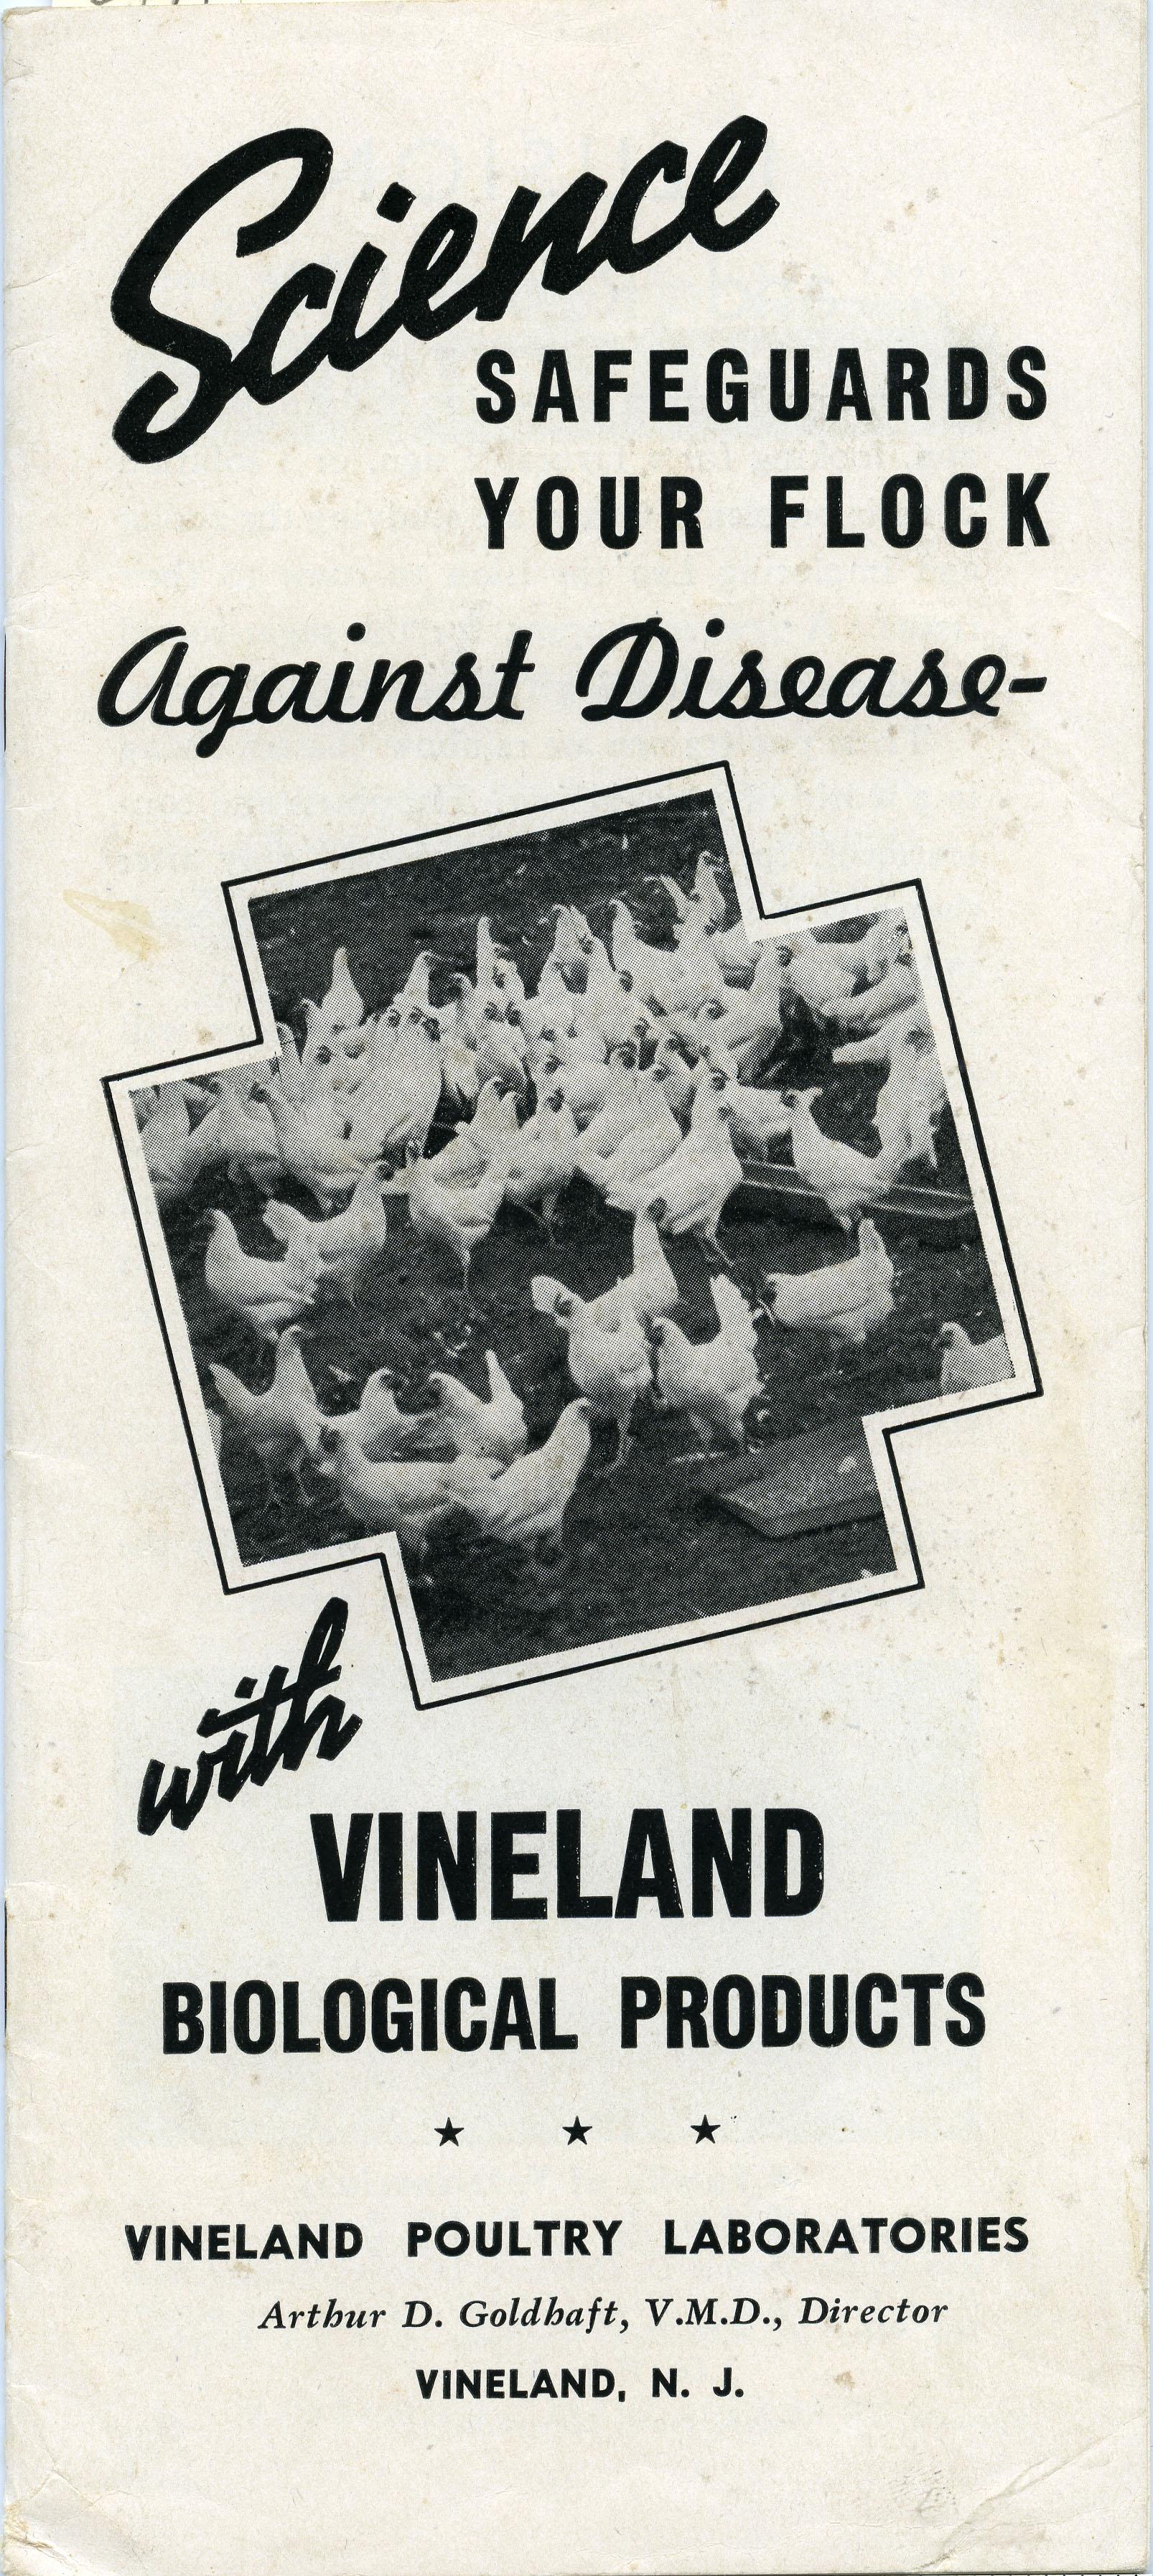 Vineland Science Safeguards Your Flock